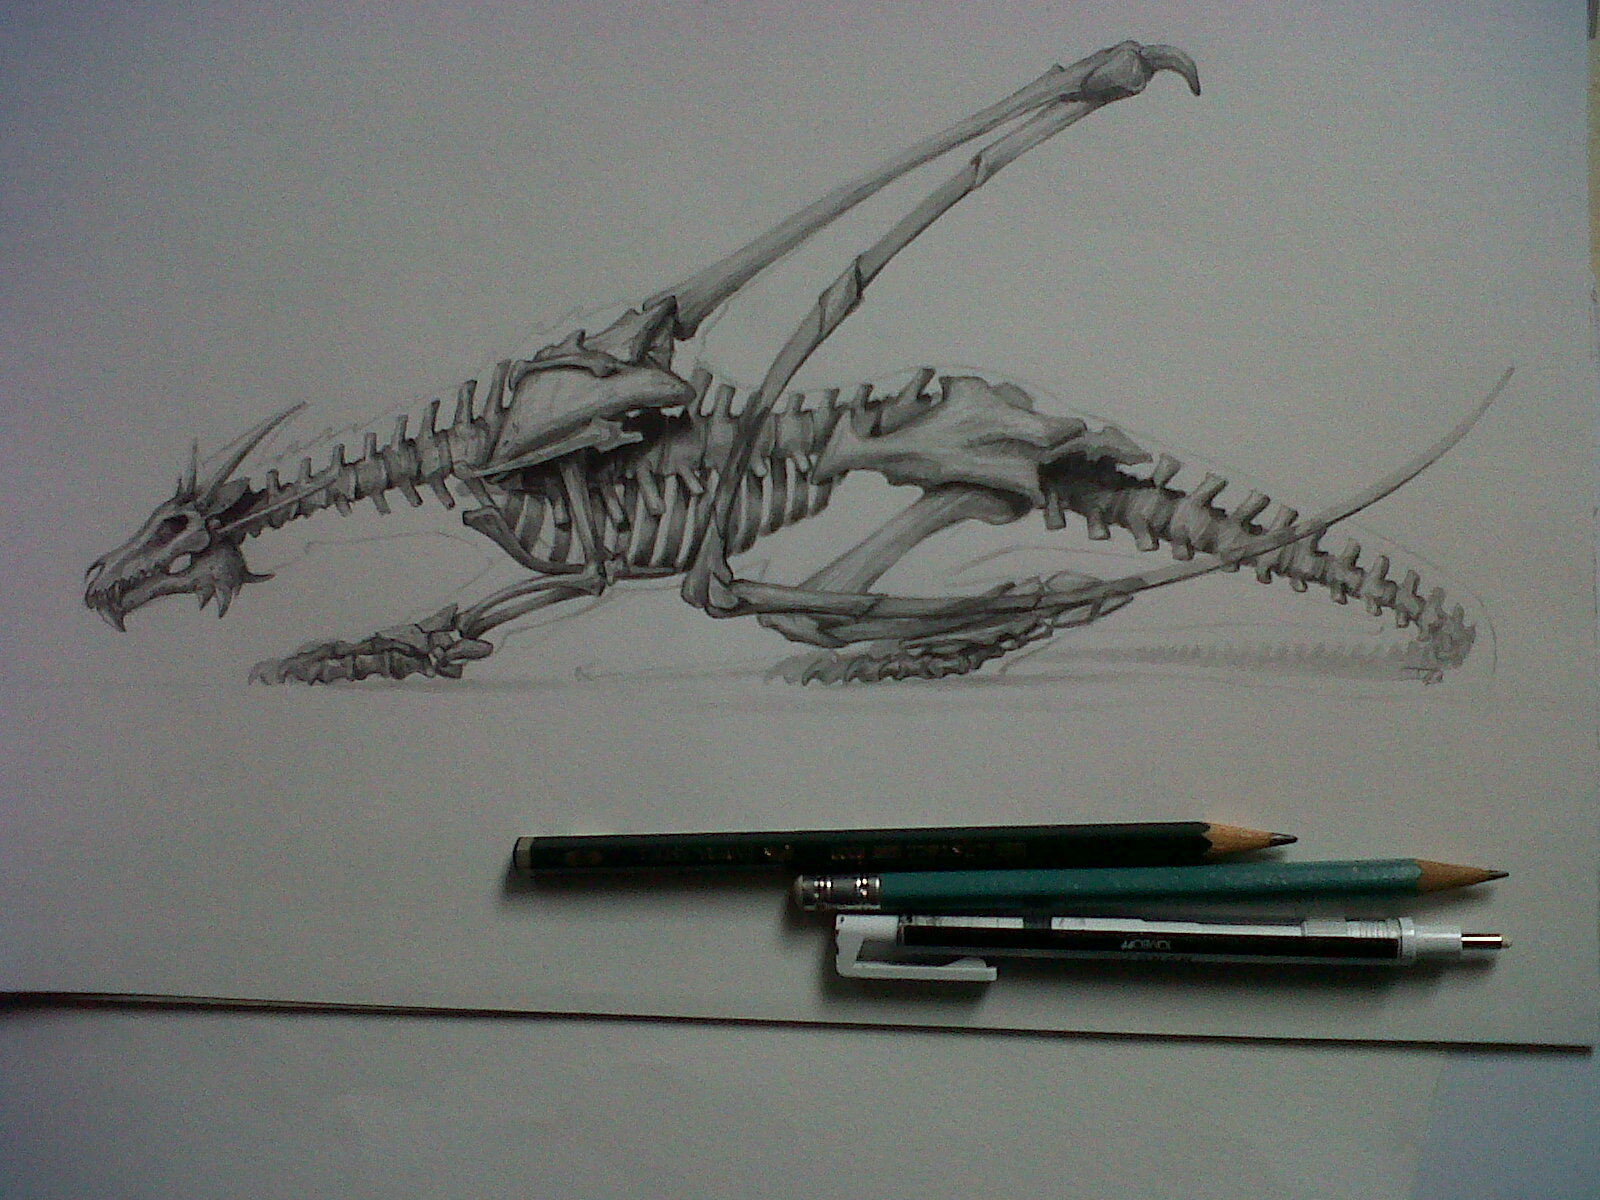 World of David De León Luis: Anatomy of bones of a Dragon, By David ...